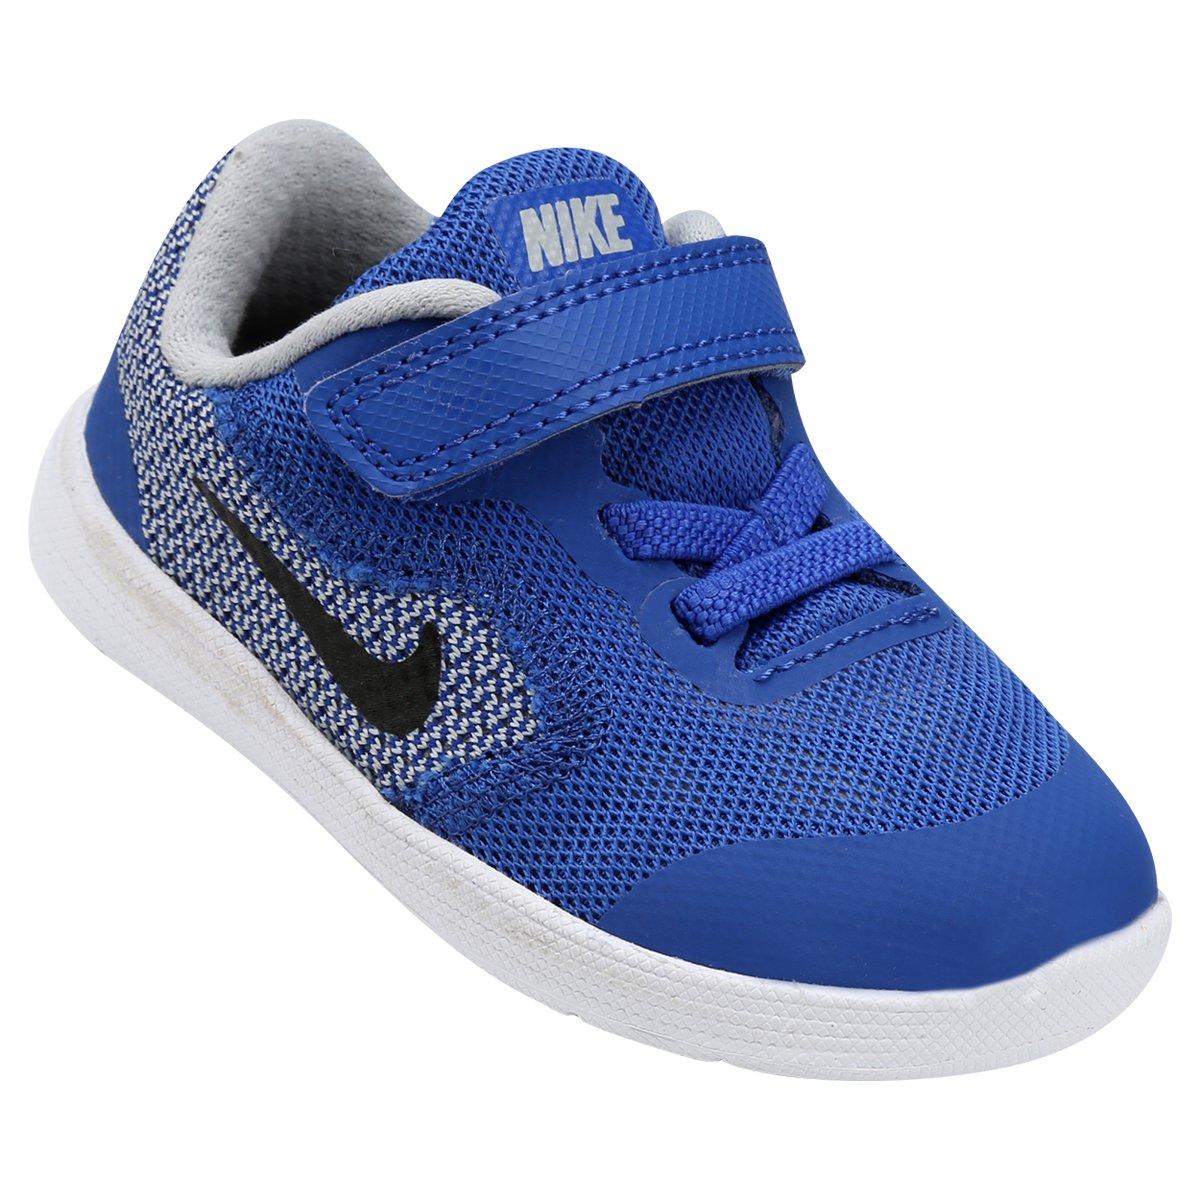 b033083433f Tênis Infantil Nike Revolution 3 - Azul Royal e Preto - Compre Agora ...